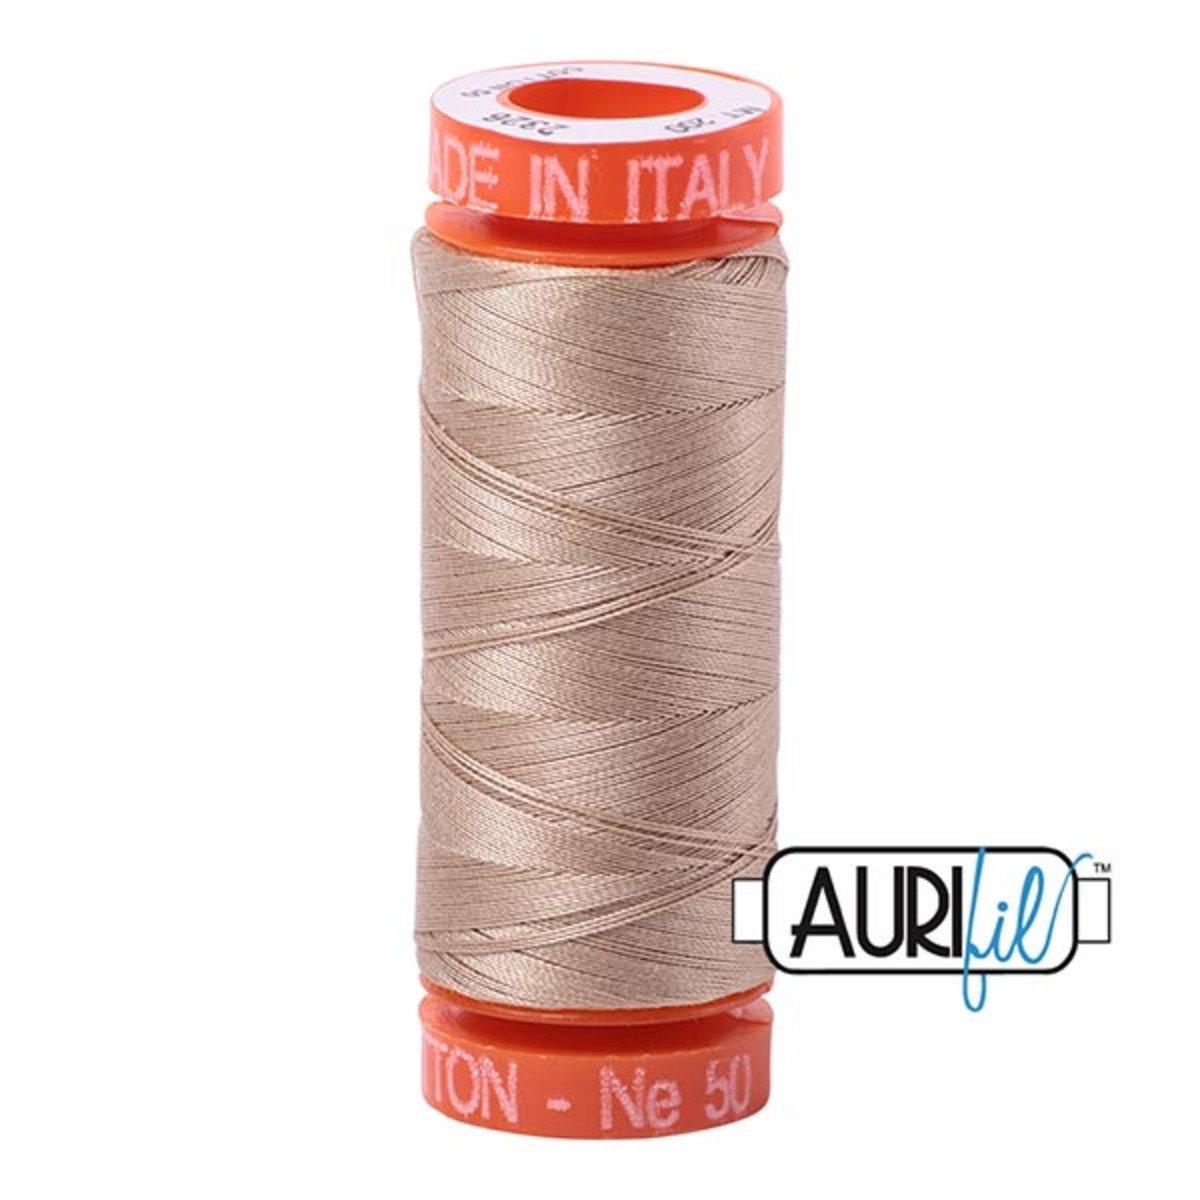 Aurifil Cotton 2325 Lt Khaki 50wt 1422yds